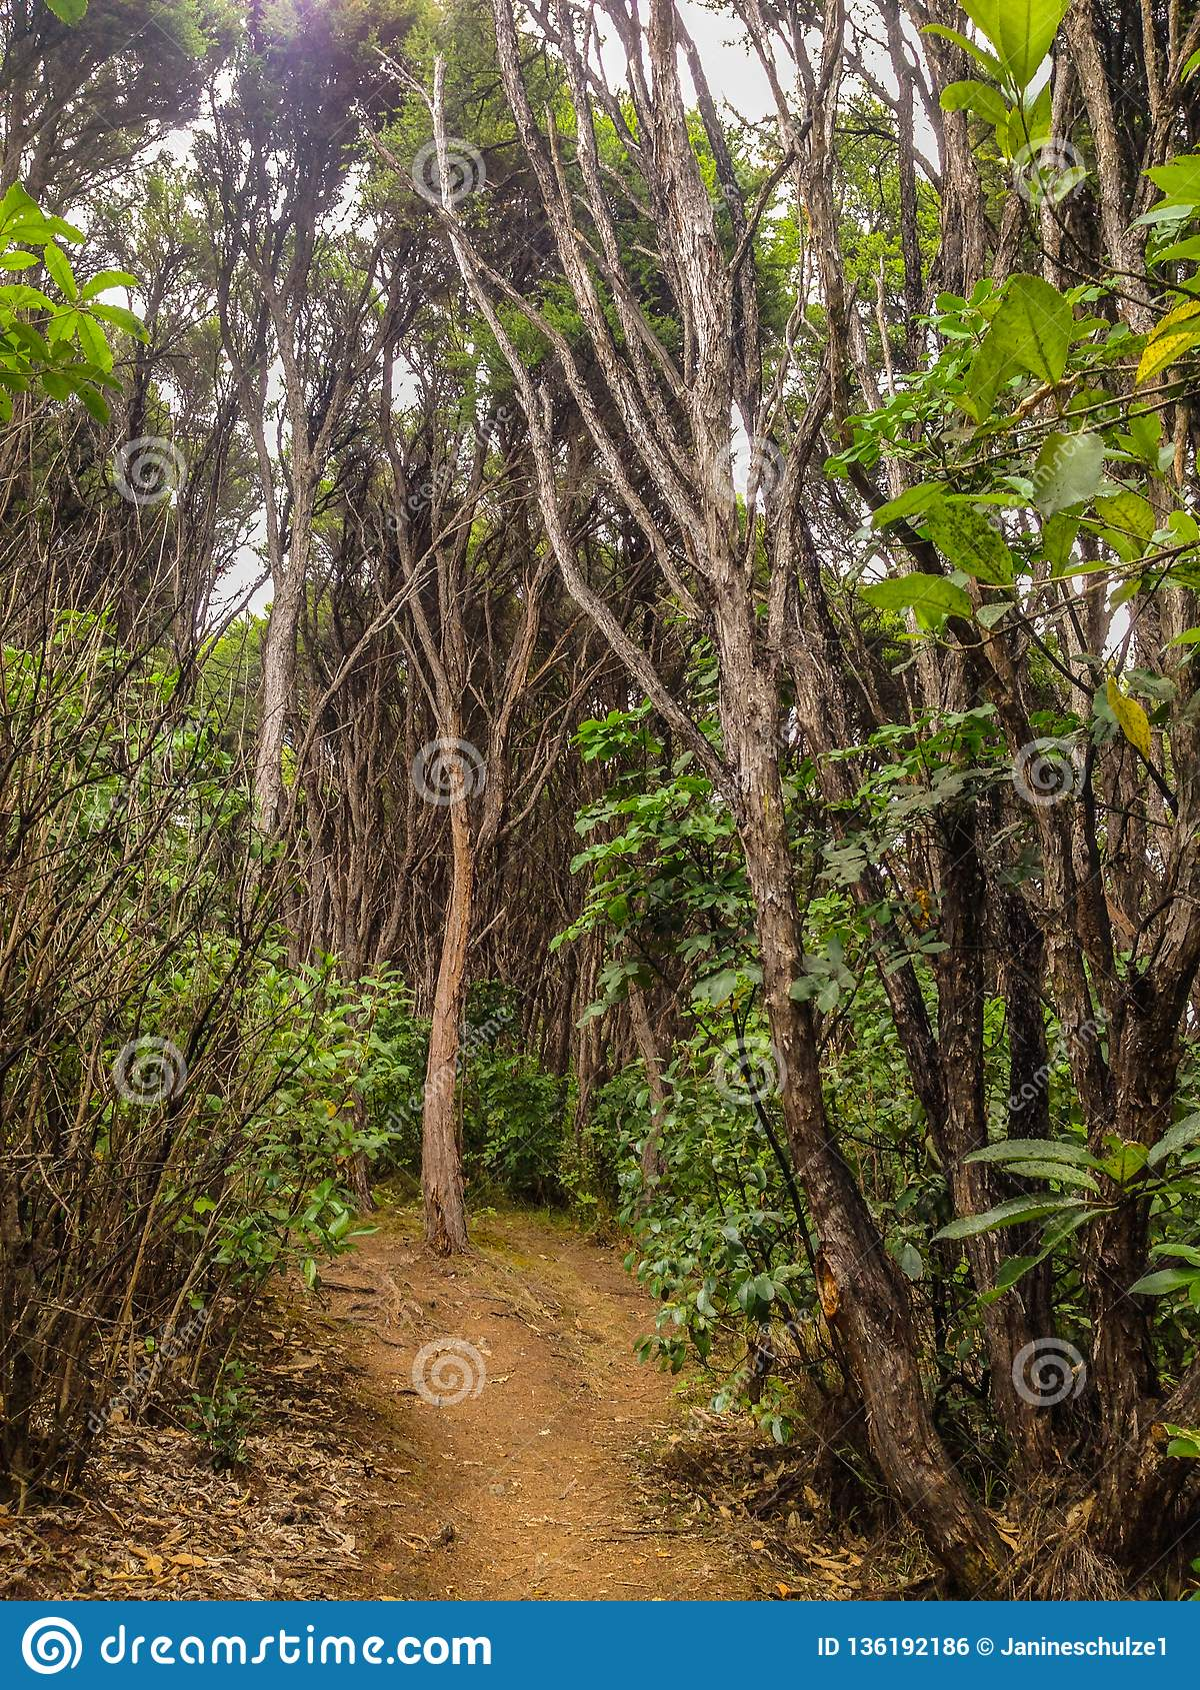 Foresta pluviale fertile vicino a Picton, isola del sud, Nuova Zelanda